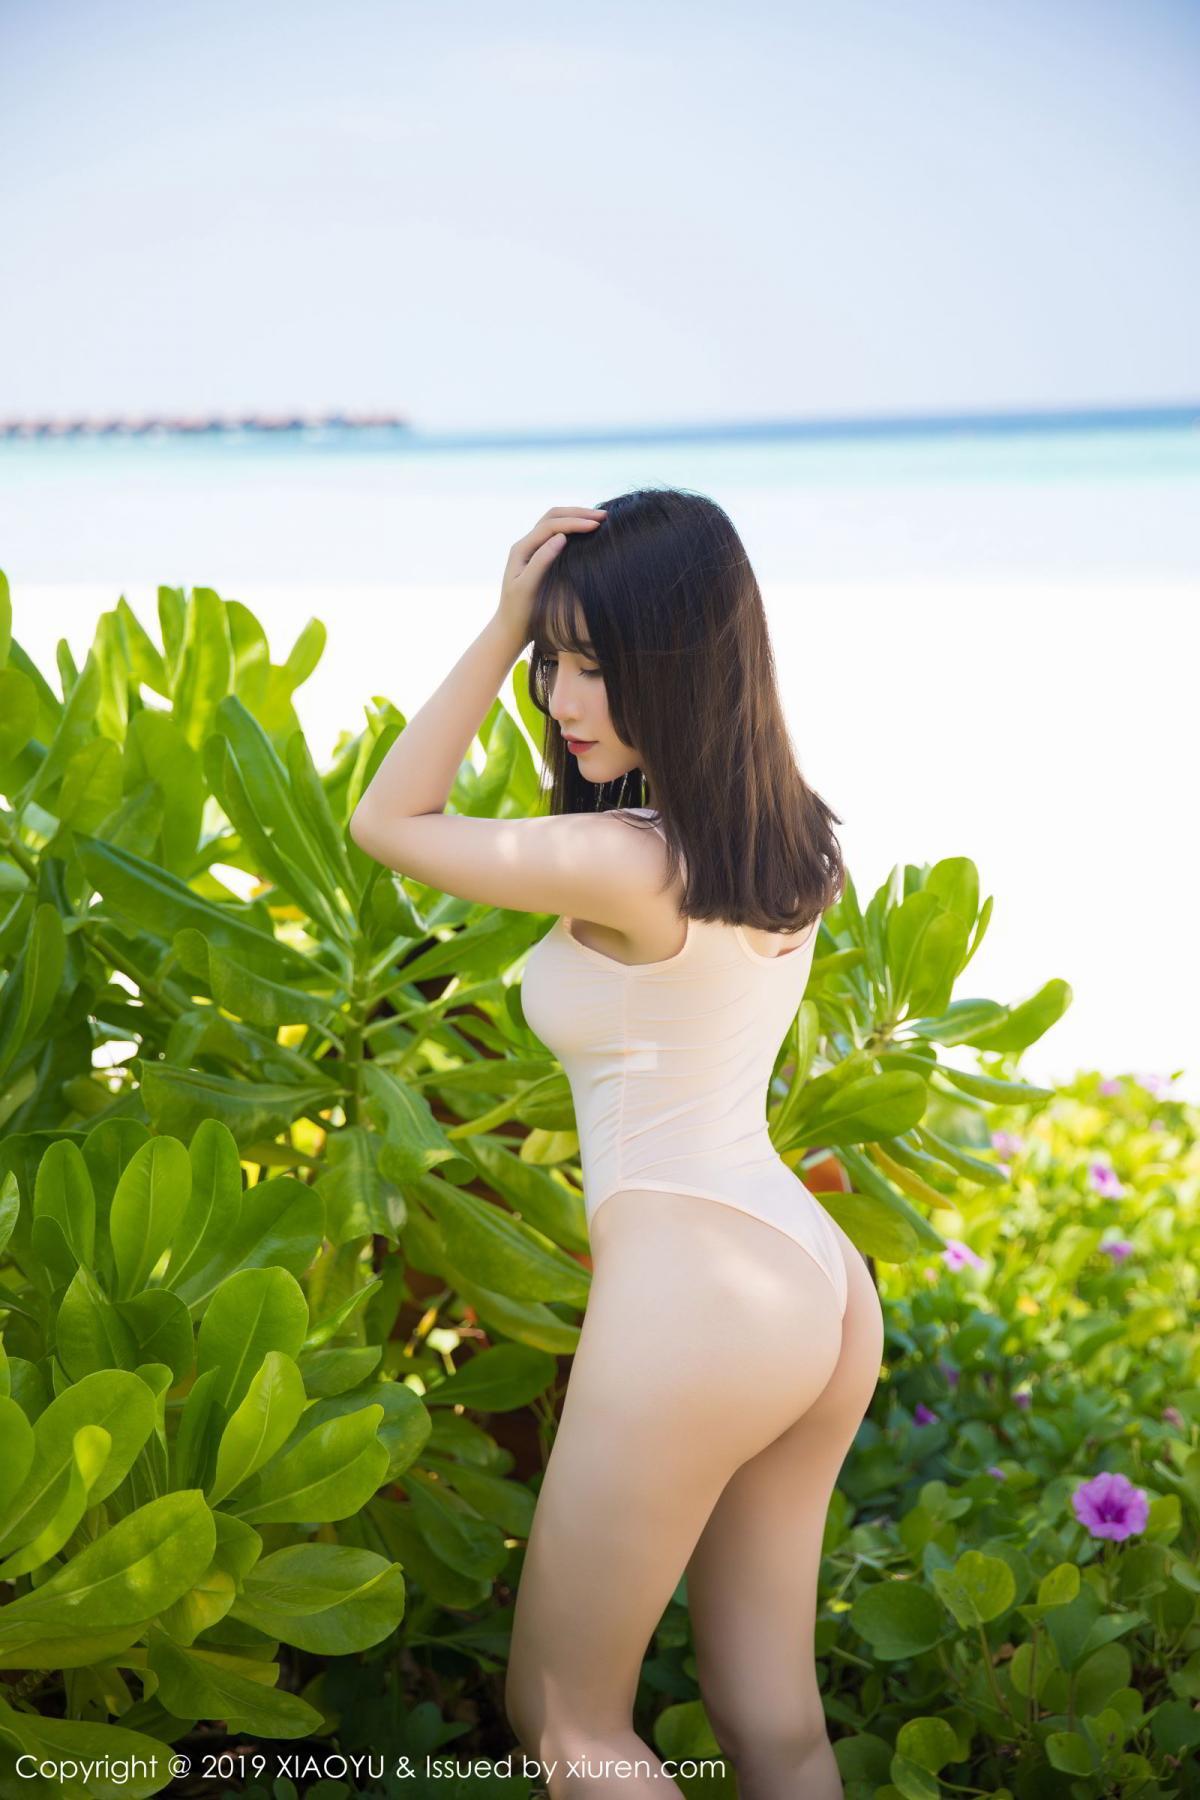 [XiaoYu] Vol.155 Xie Zhi Xin 19P, Bathroom, Big Booty, Wet, XiaoYu, Xie Zhi Xin